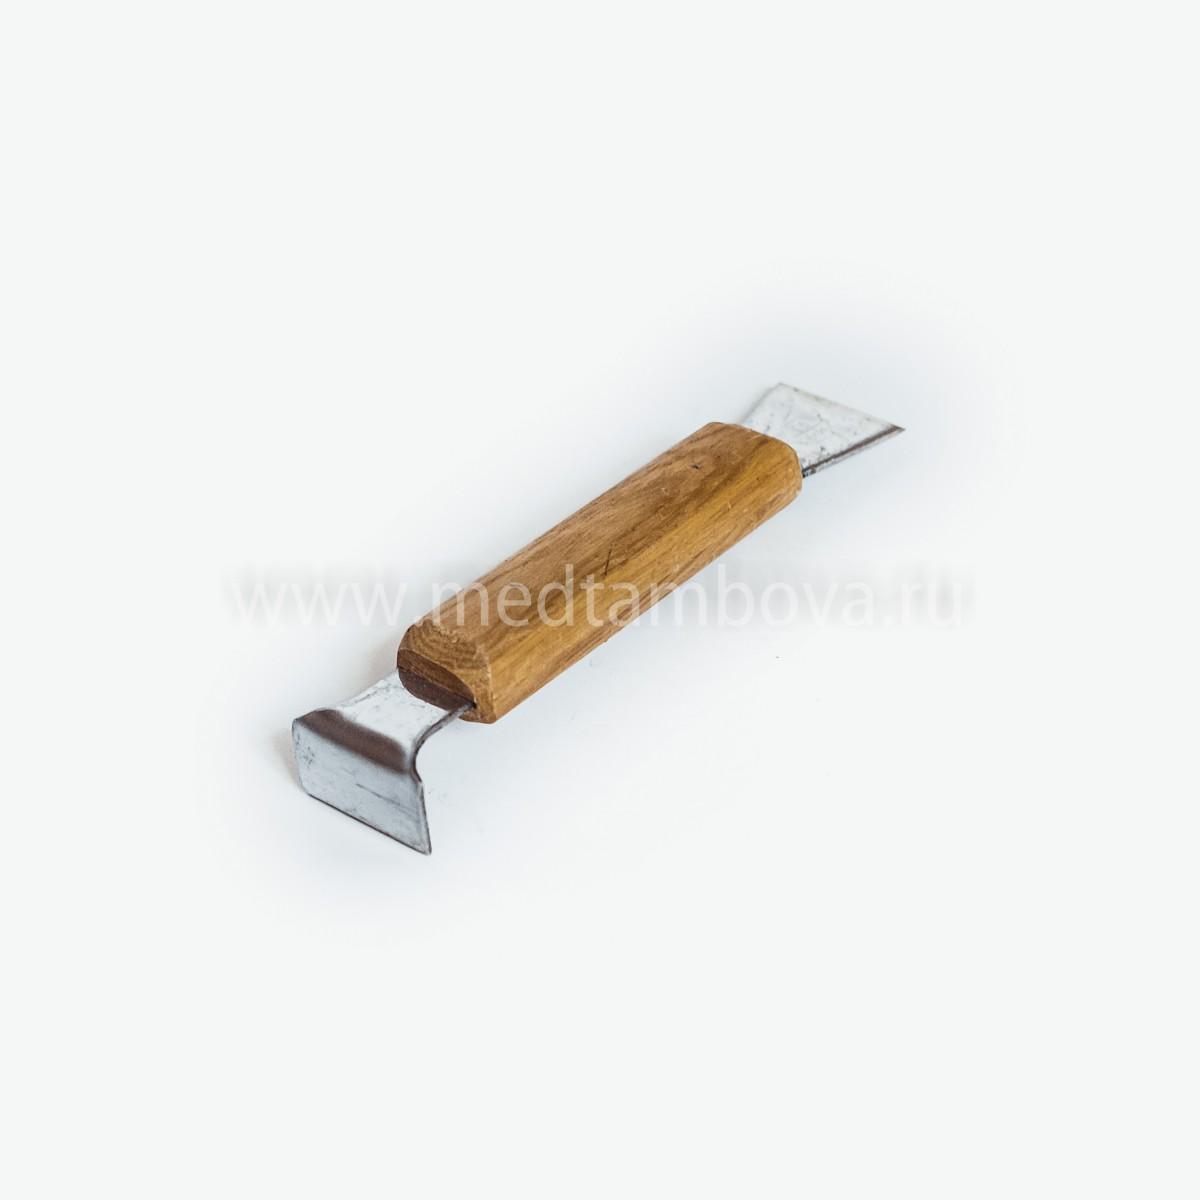 Стамеска деревянная ручка нержавейка 160 мм. (короткая)